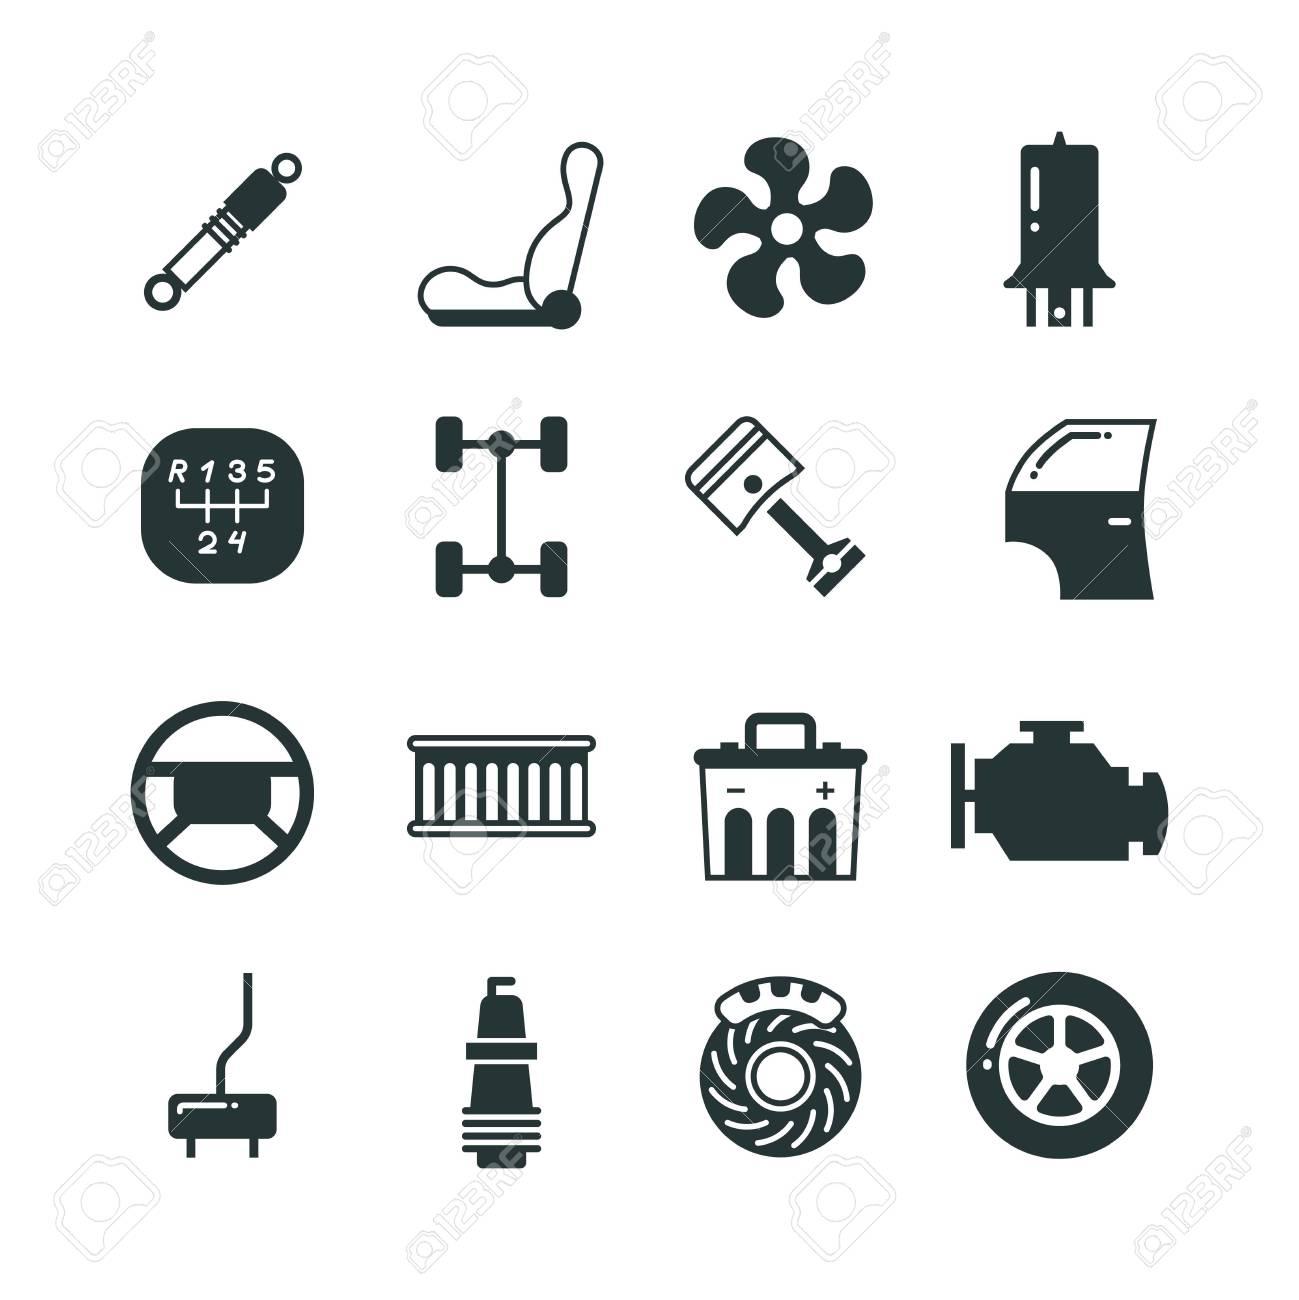 Schön Symbole Für Komponenten Fotos - Der Schaltplan ...